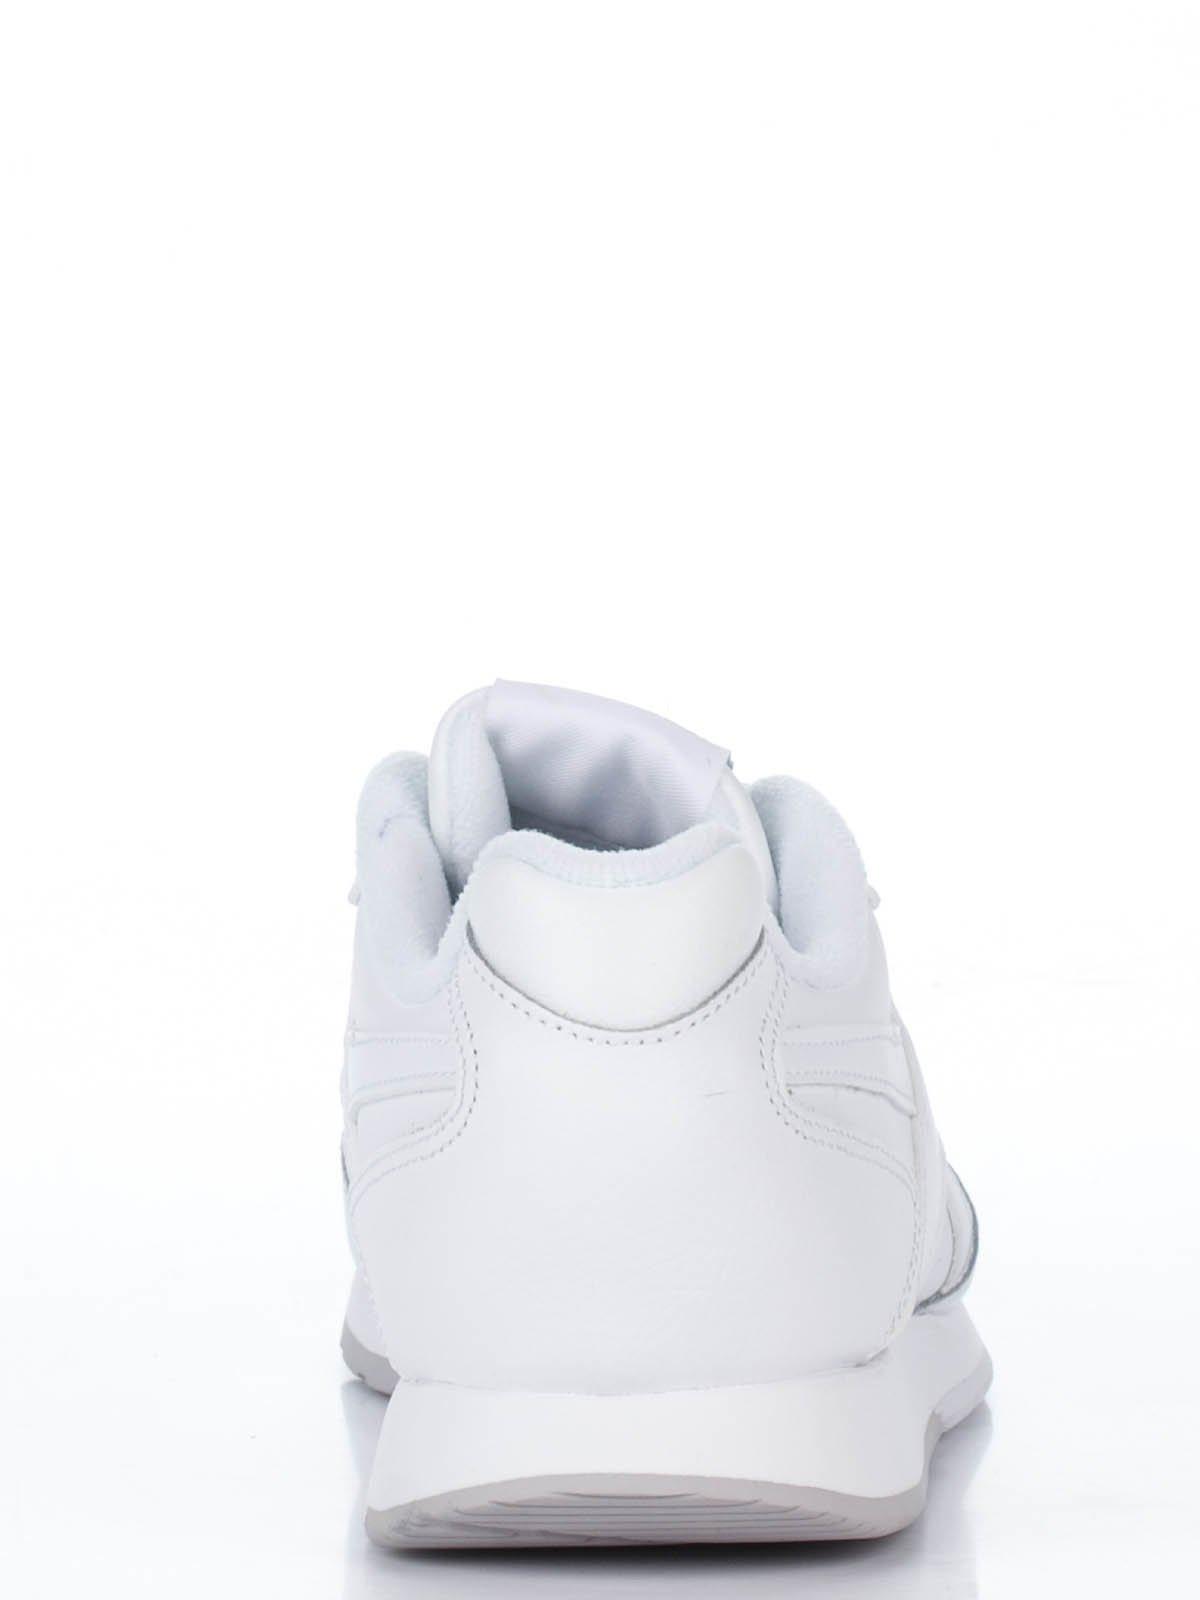 Кроссовки белые | 2001192 | фото 3